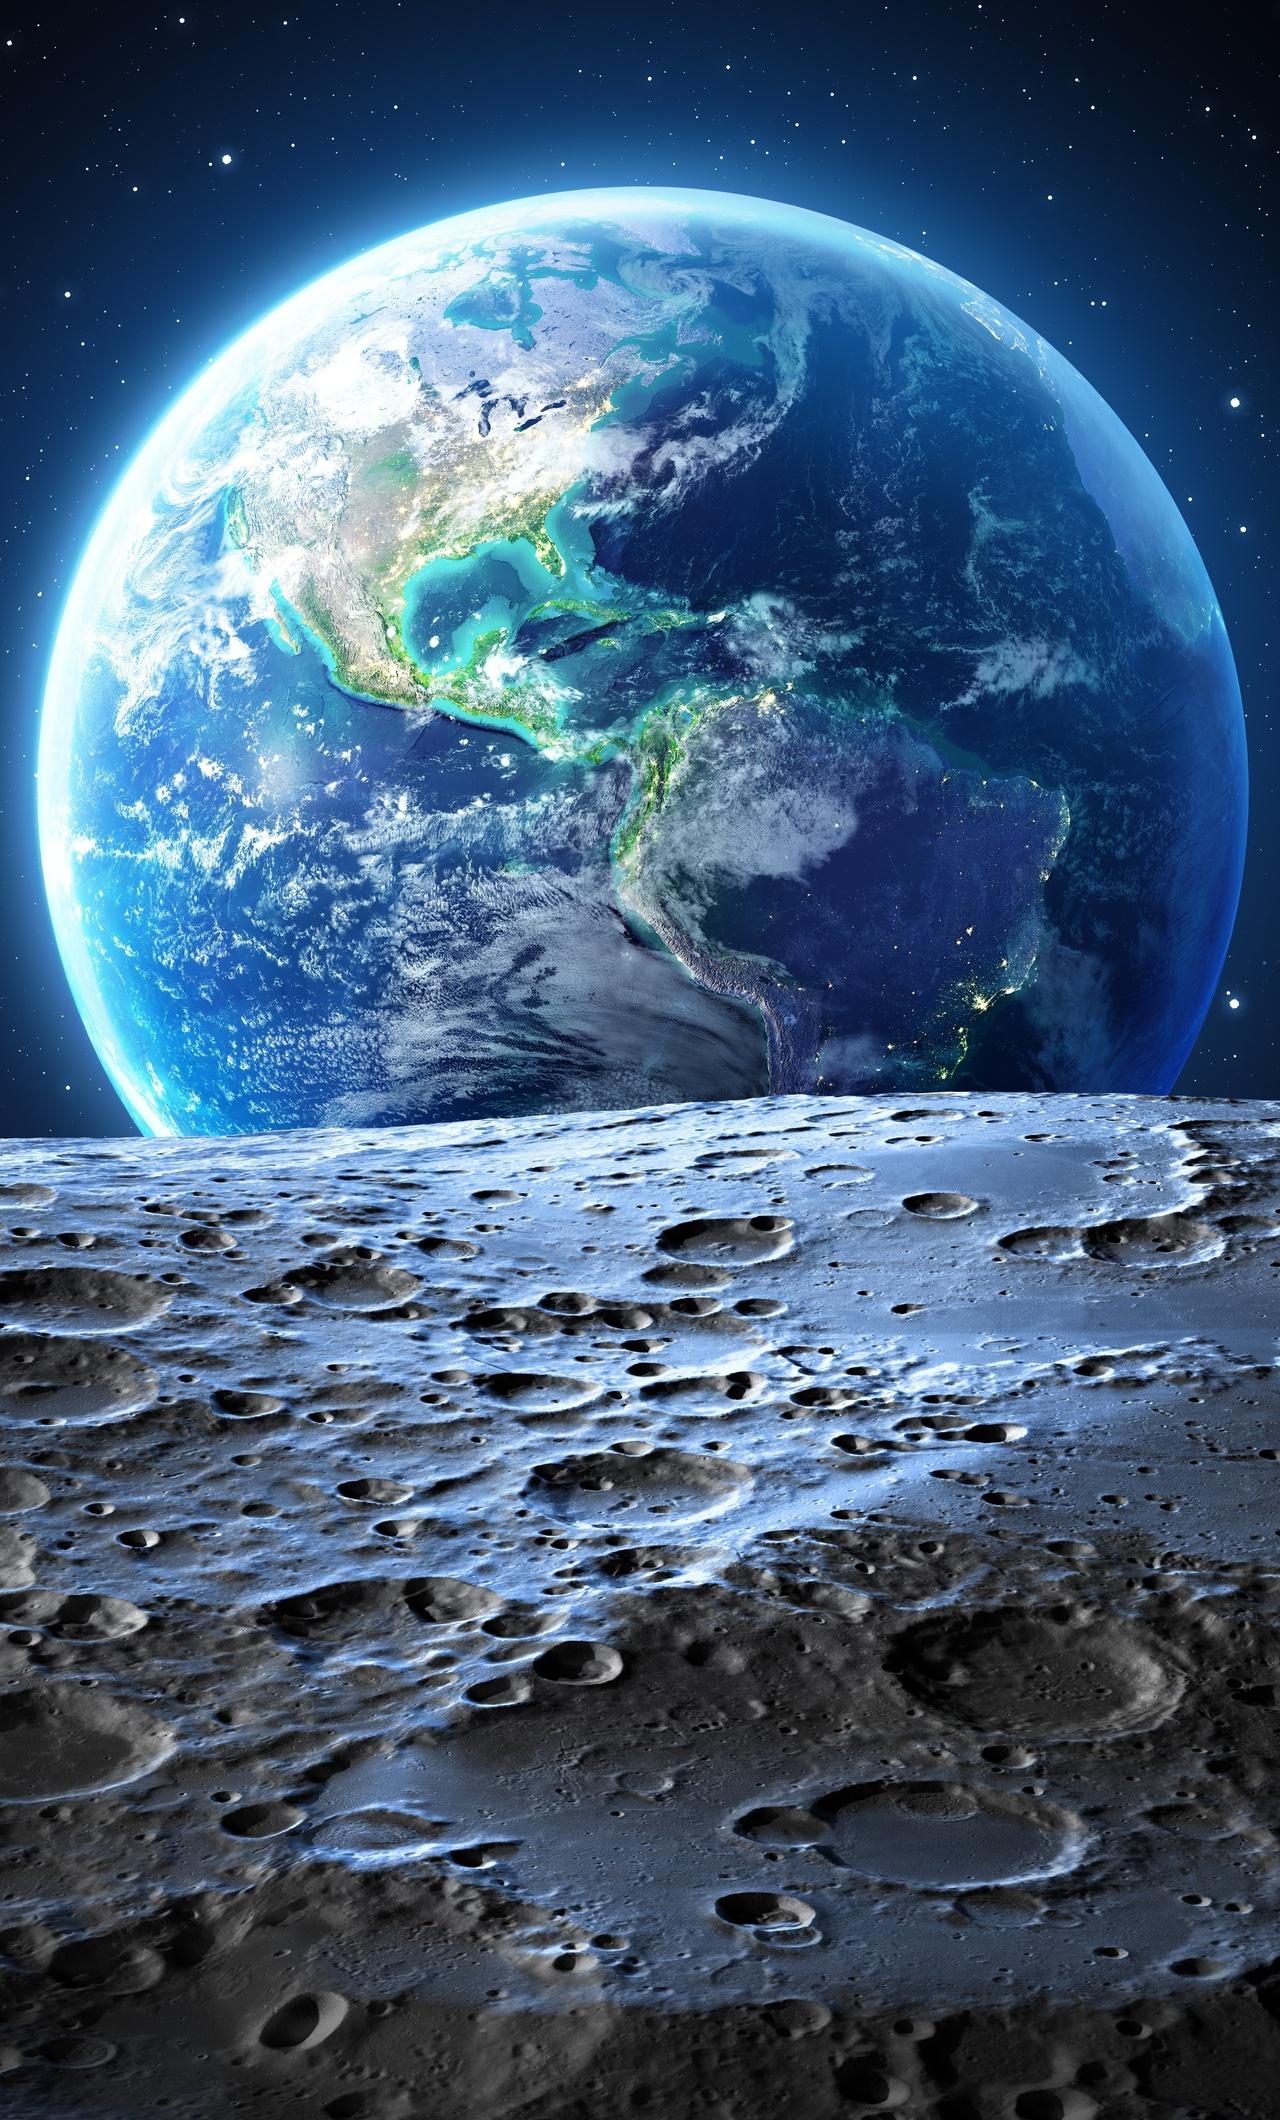 earth-moon-4k-ri.jpg